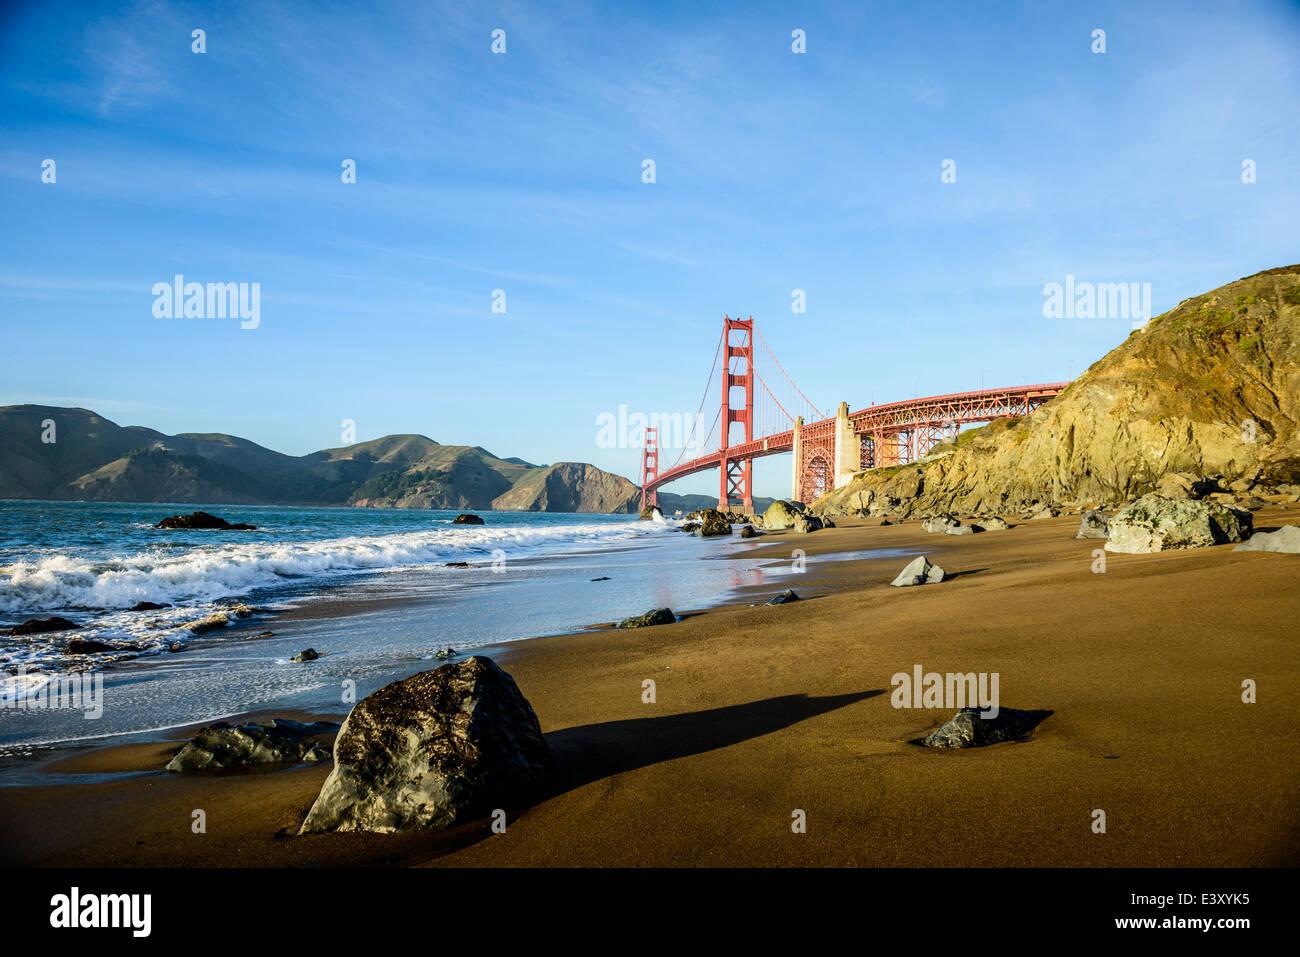 Vista de la playa desde el puente Golden Gate, San Francisco, California, Estados Unidos Imagen De Stock